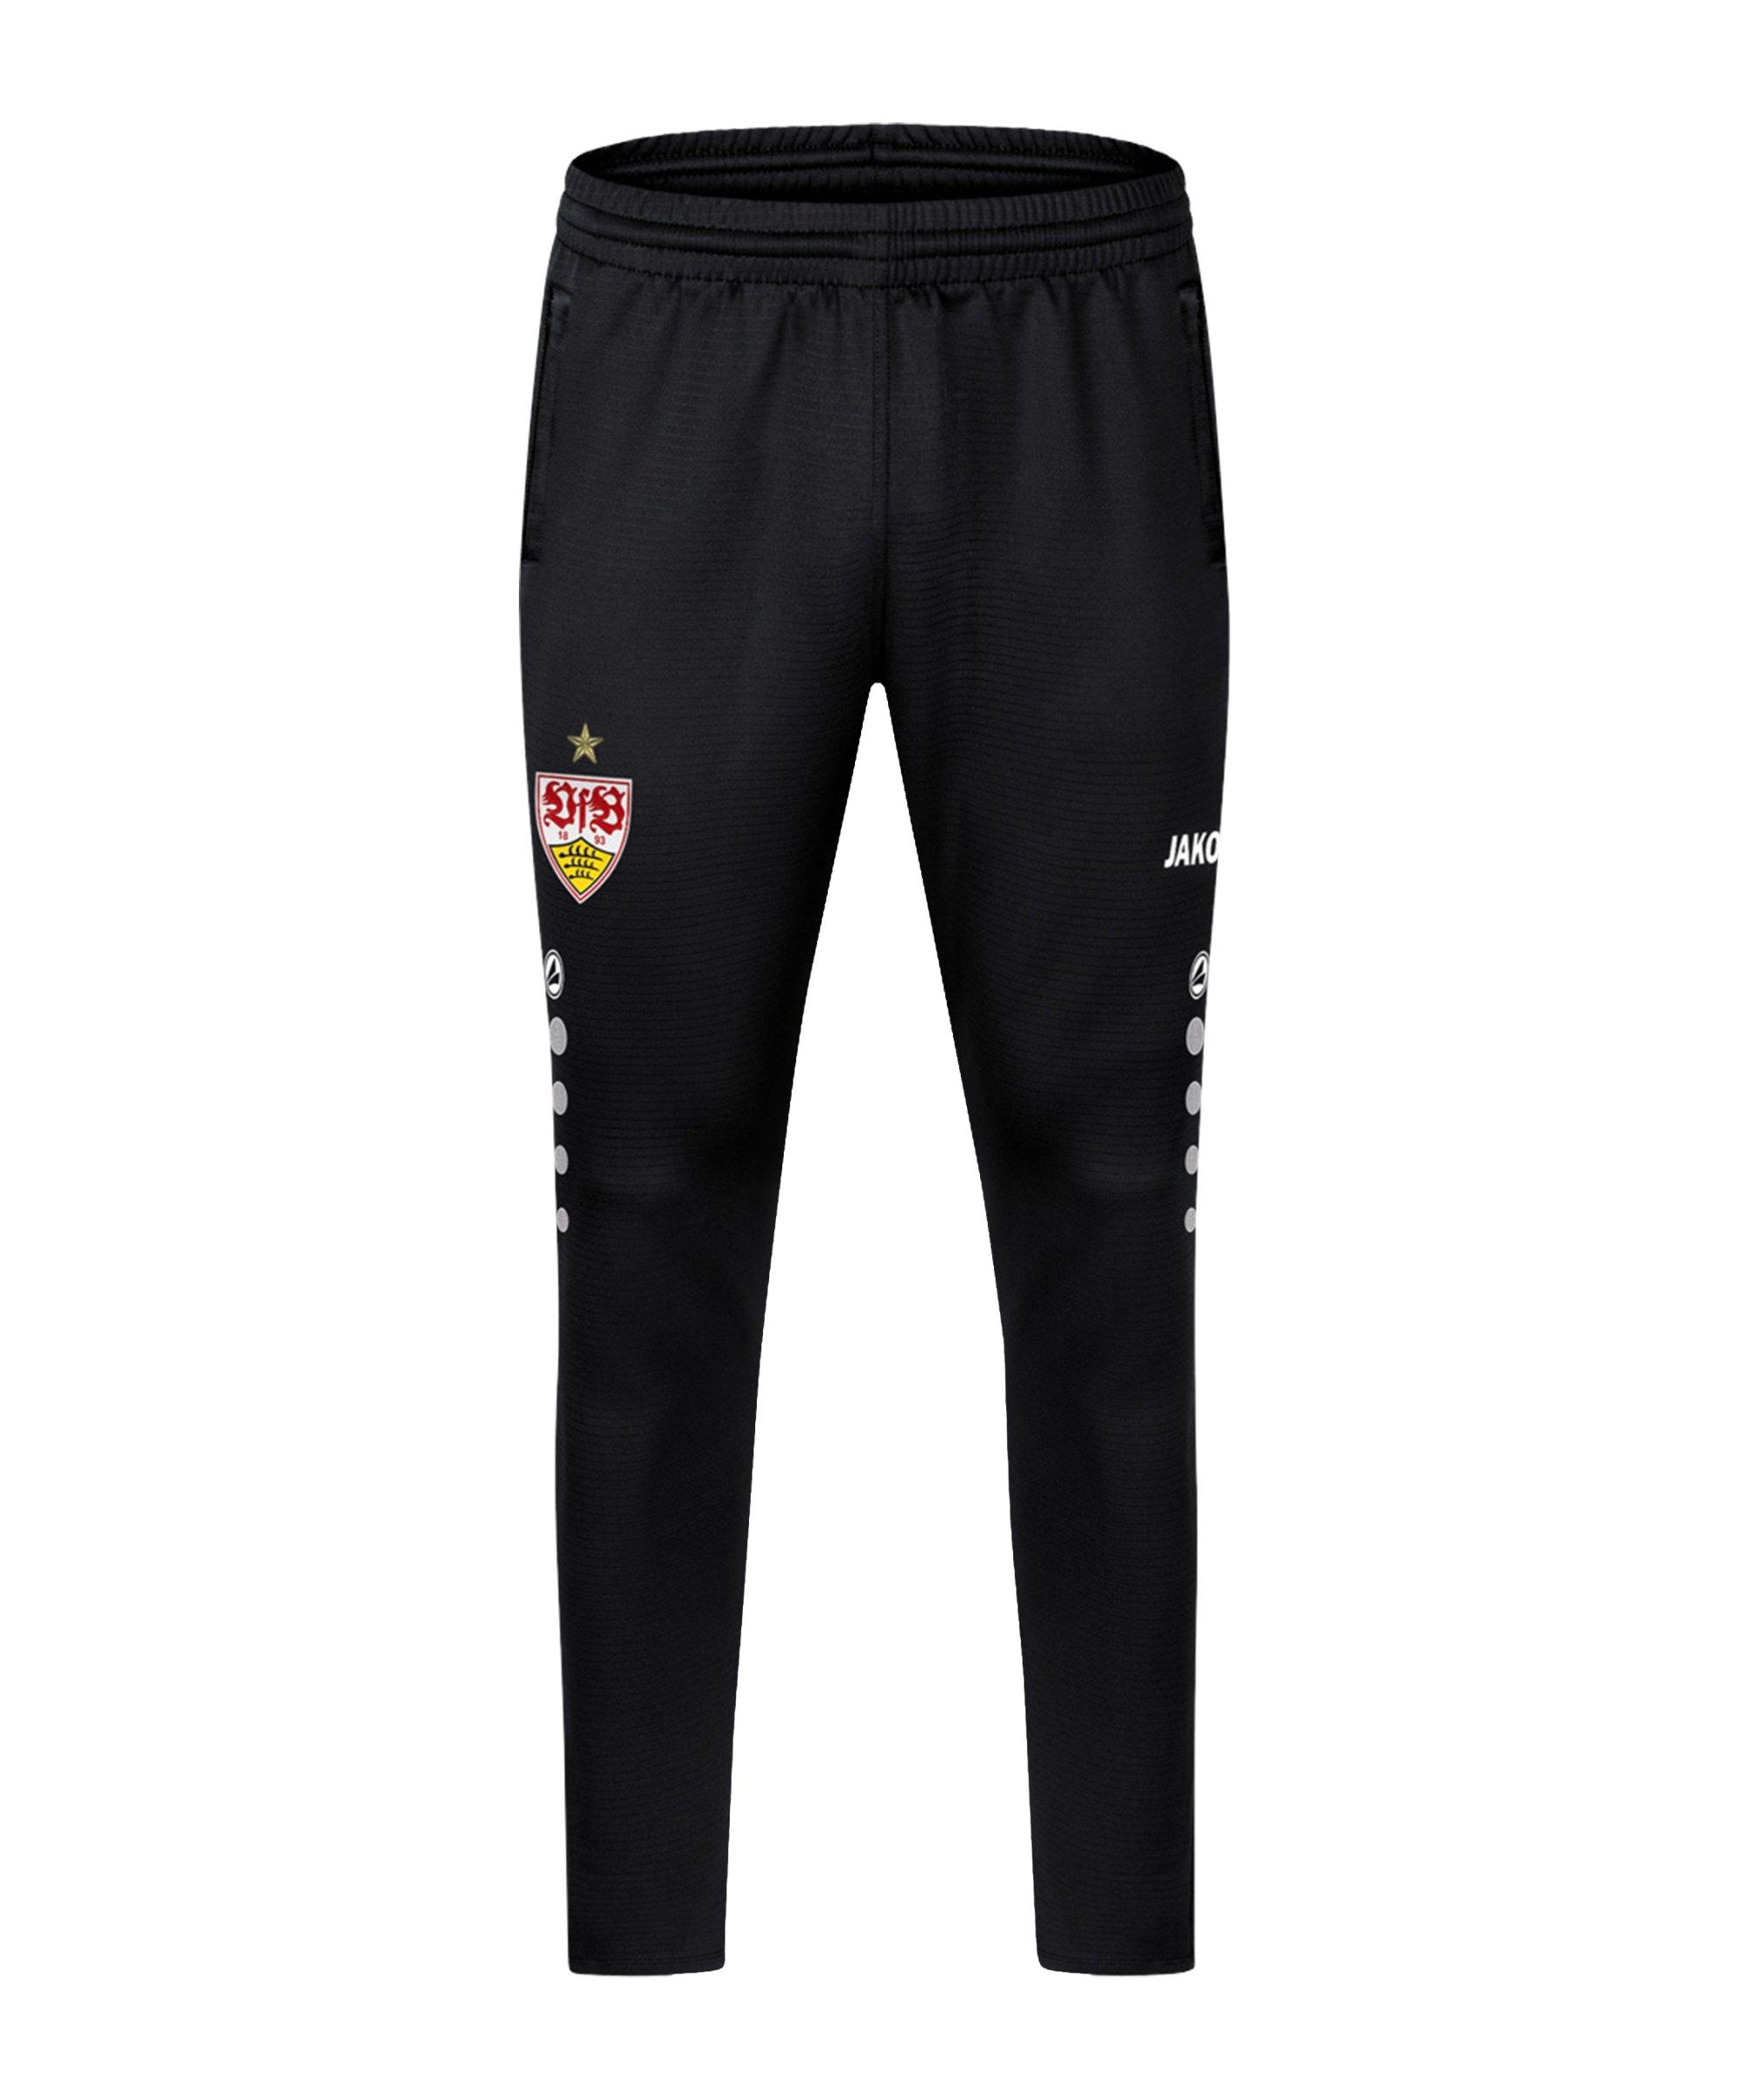 JAKO VfB Stuttgart Challenge Trainingshose Kids Schwarz Weiss F802 - schwarz